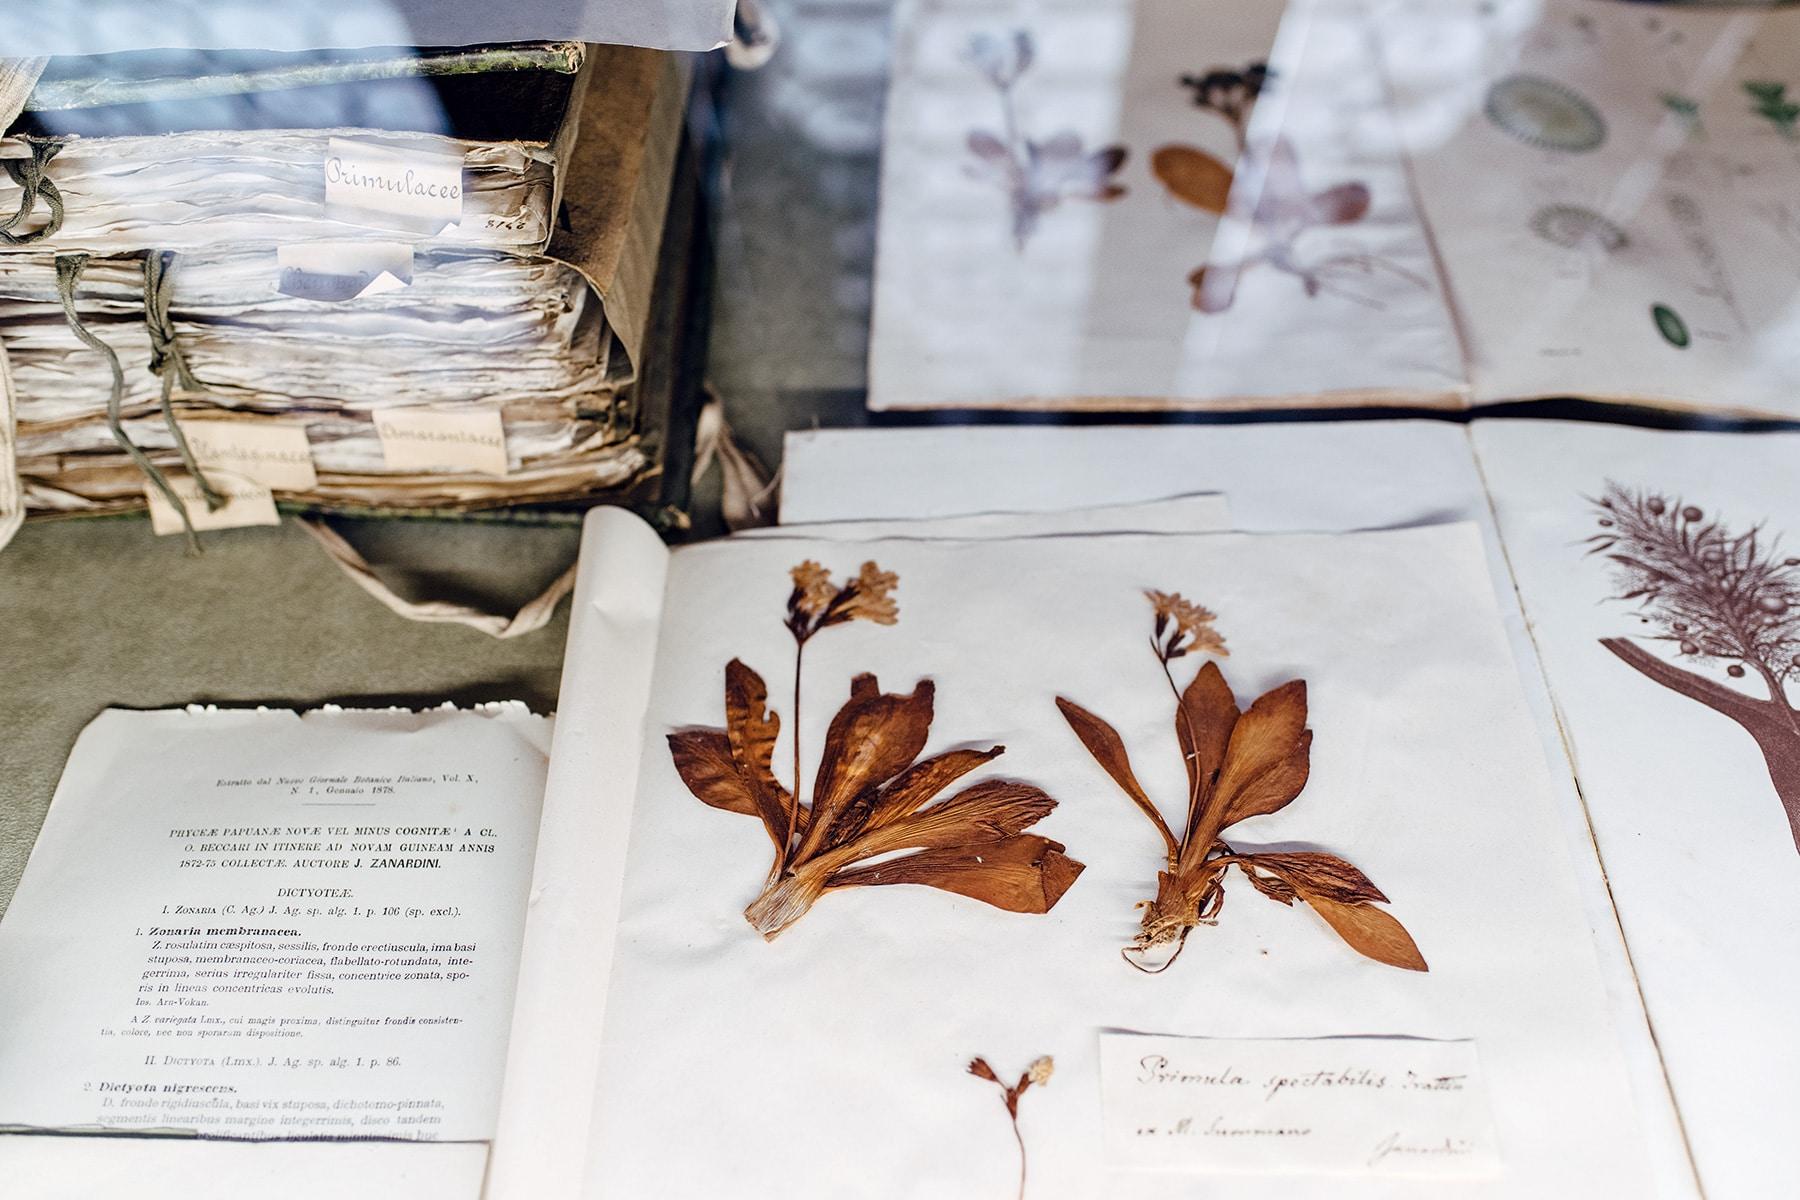 Musée d'histoire naturelle de Venise: herbier avec pages manuscrites et fleurs séchées